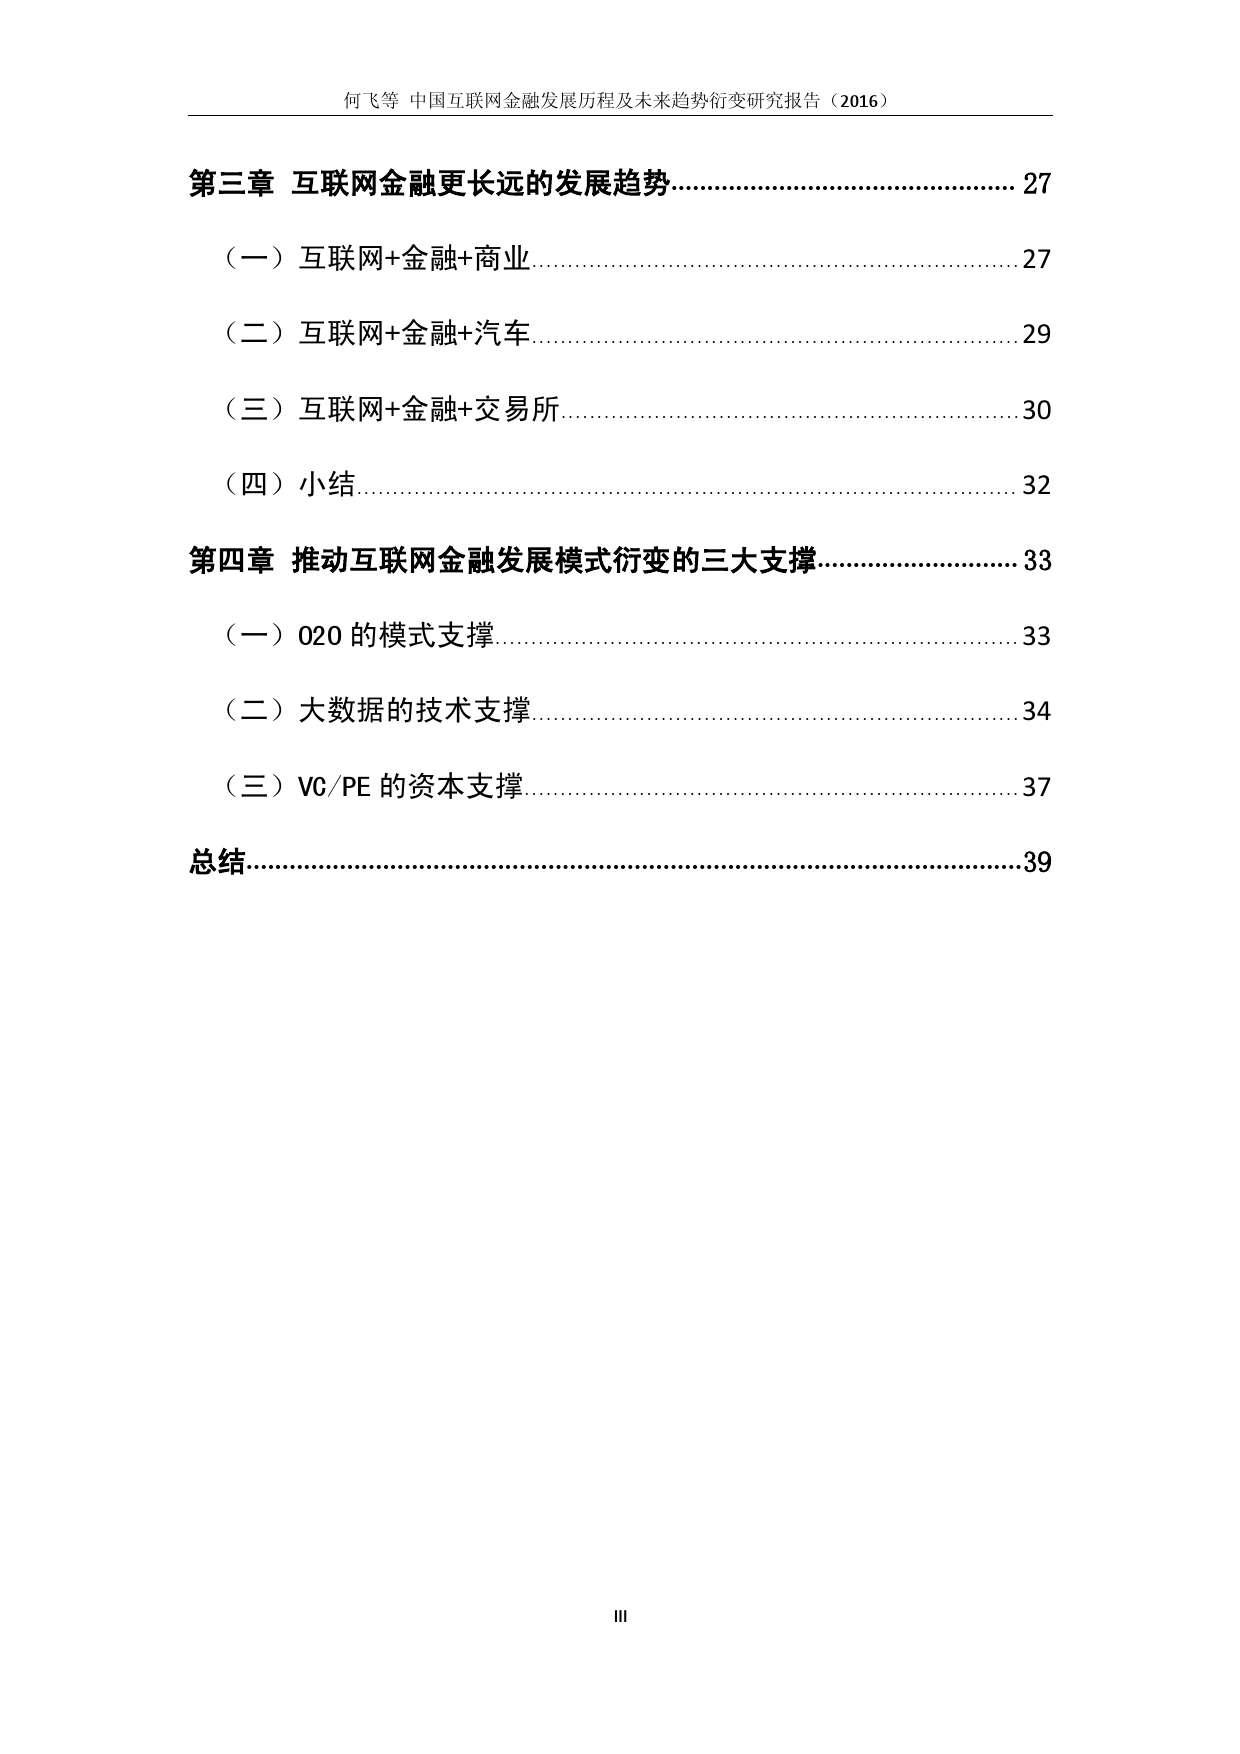 中国互联网金融发展历程及未来趋势衍变研究报告(2016)_000003